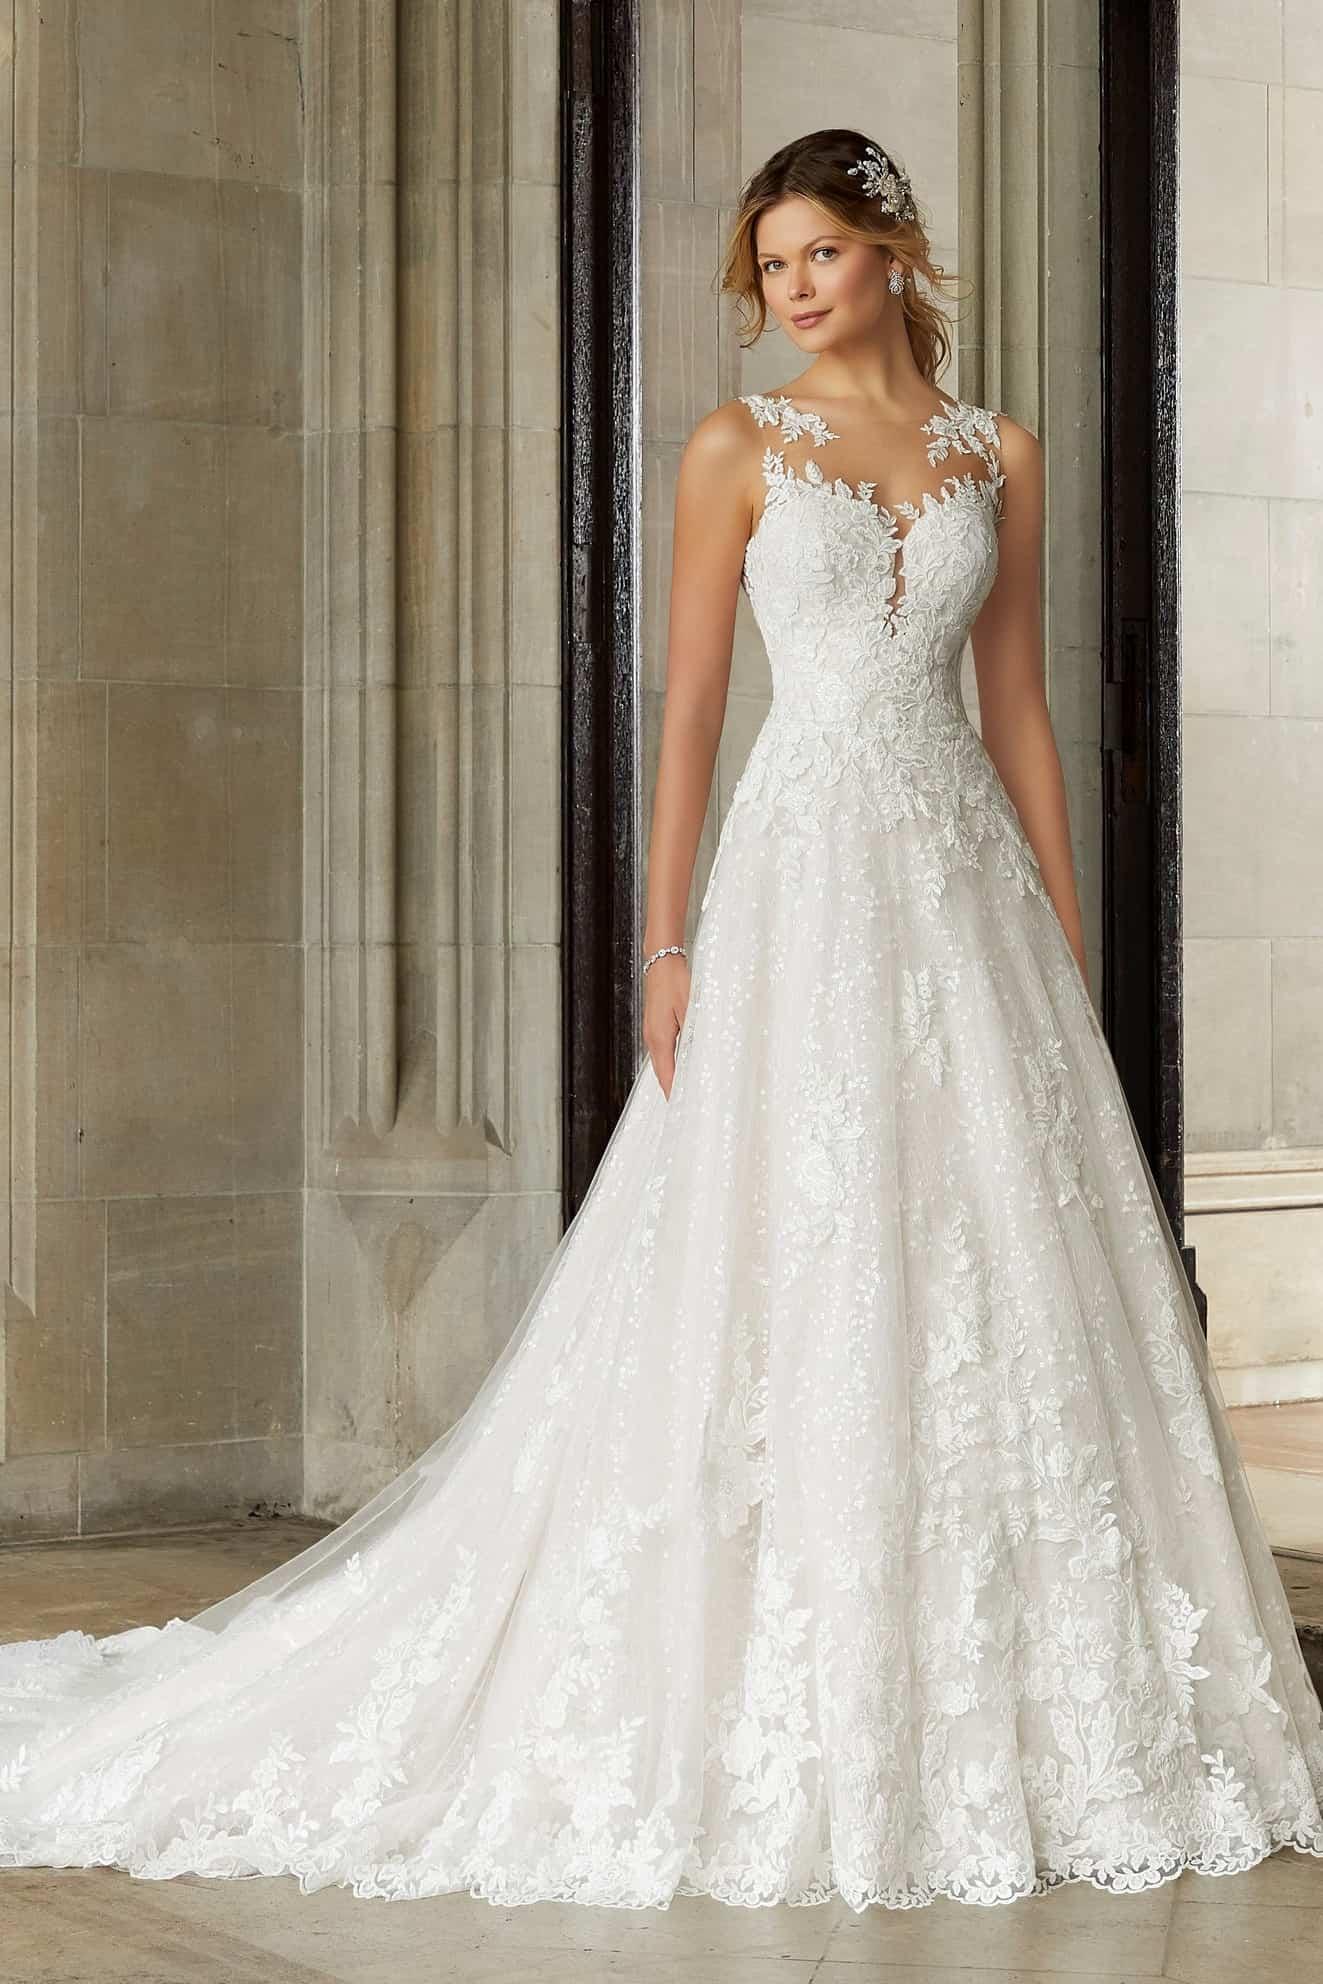 """A vonalú csipke esküvői ruha magas nyakkivágással, illúzió részletekkel díszítve. Style: Sansa/2130 a Morilee """"Reverie"""" kollekcióból"""